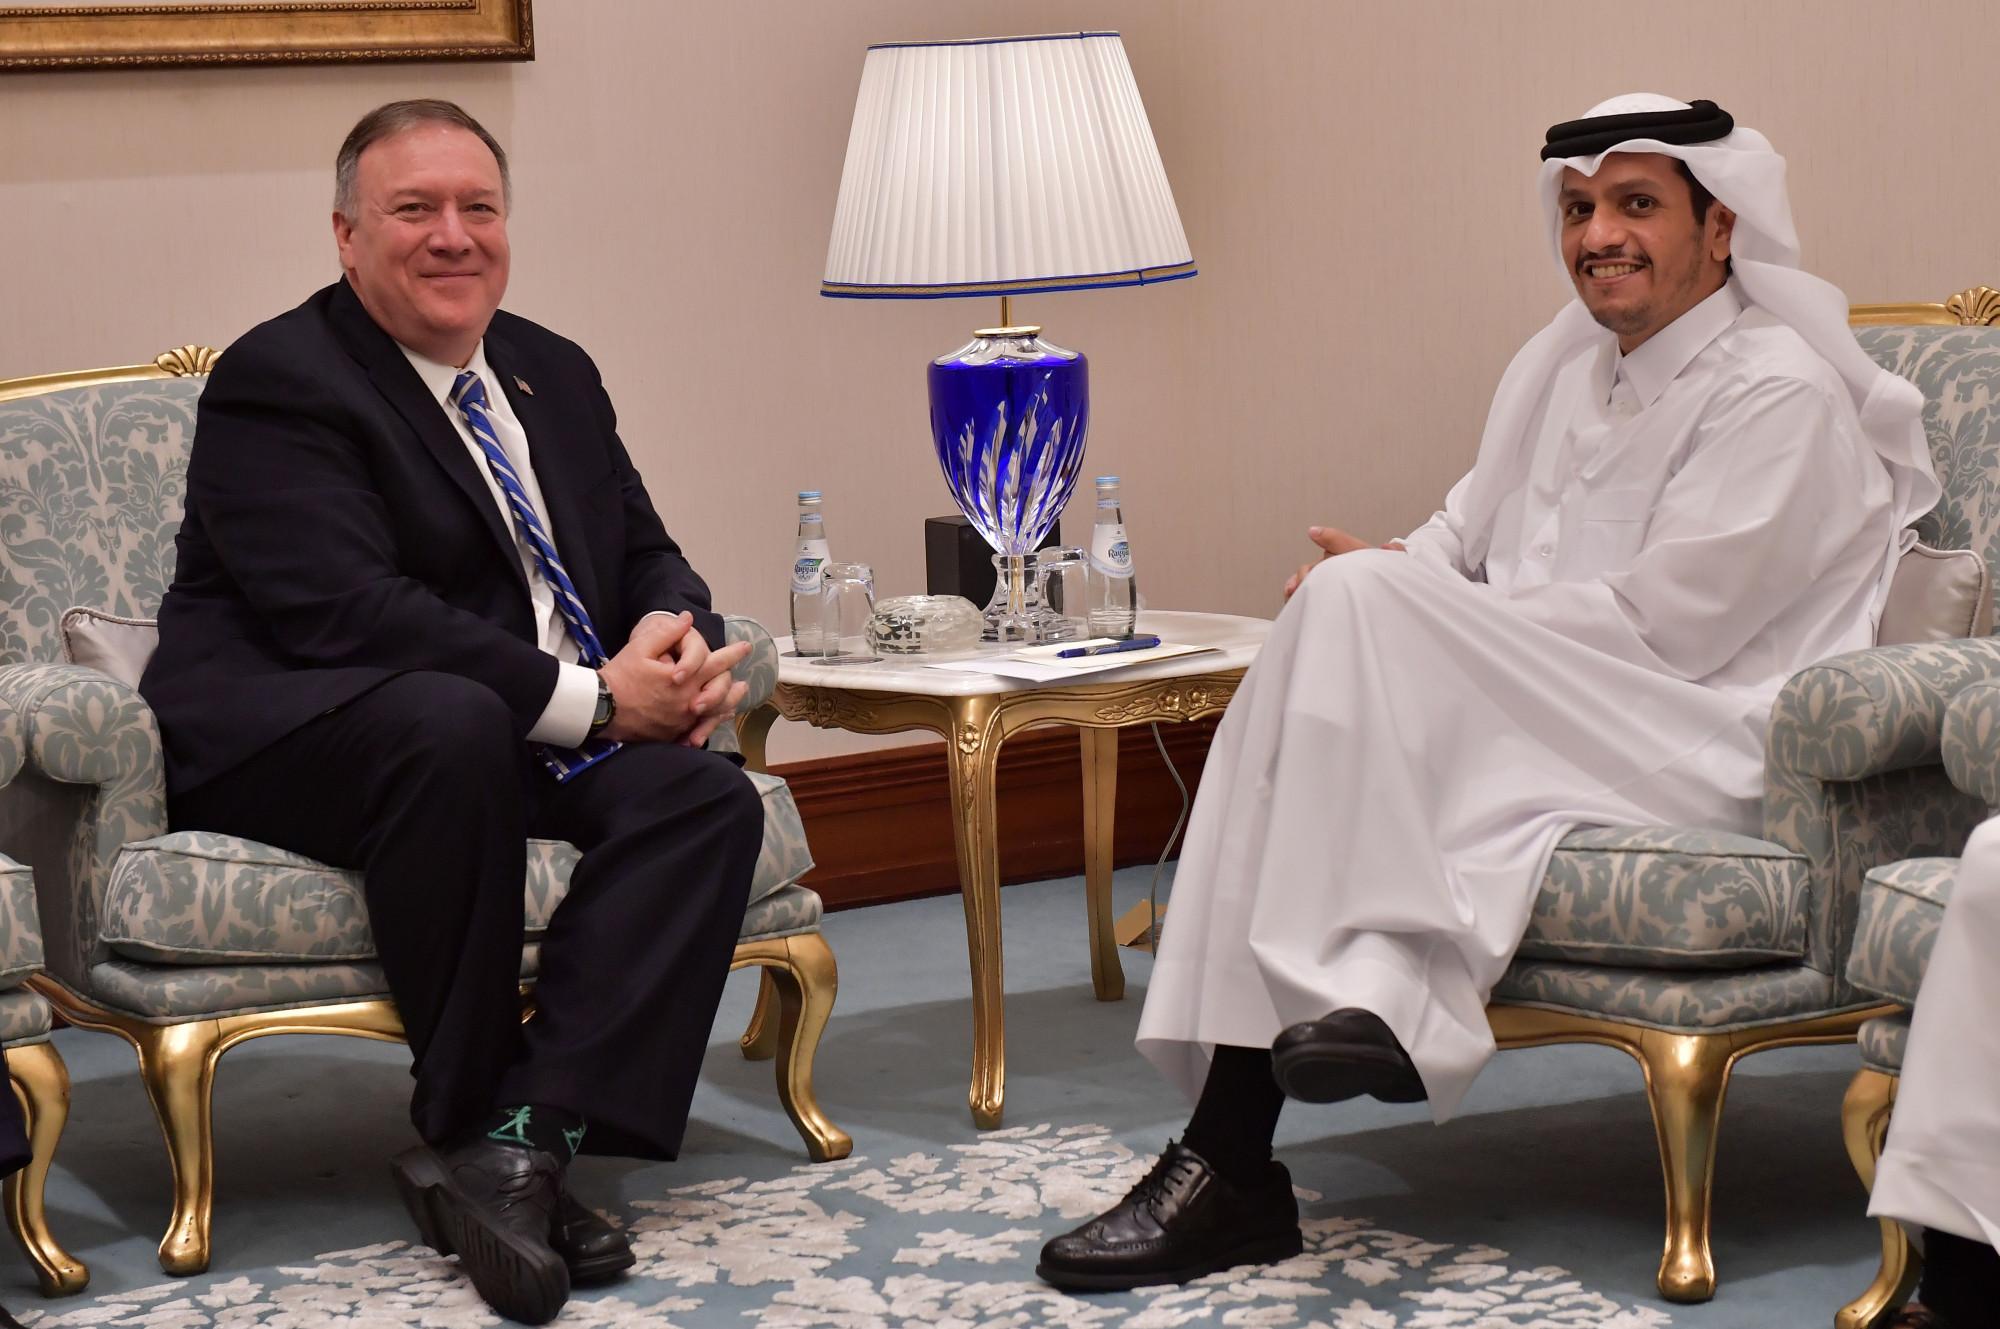 O vice-primeiro-ministro e ministro das Relações Exteriores do Catar, Sheik Mohammed bin Abdulrahman al-Thani (R), encontra-se com o secretário de Estado dos Estados Unidos, Mike Pompeo, durante a cerimônia de assinatura da paz entre os Estados Unidos e o Talibã na capital do Catar, Doha, em fevereiro. 29, 2020 (Giuseppe CACACE / AFP via Getty Images)